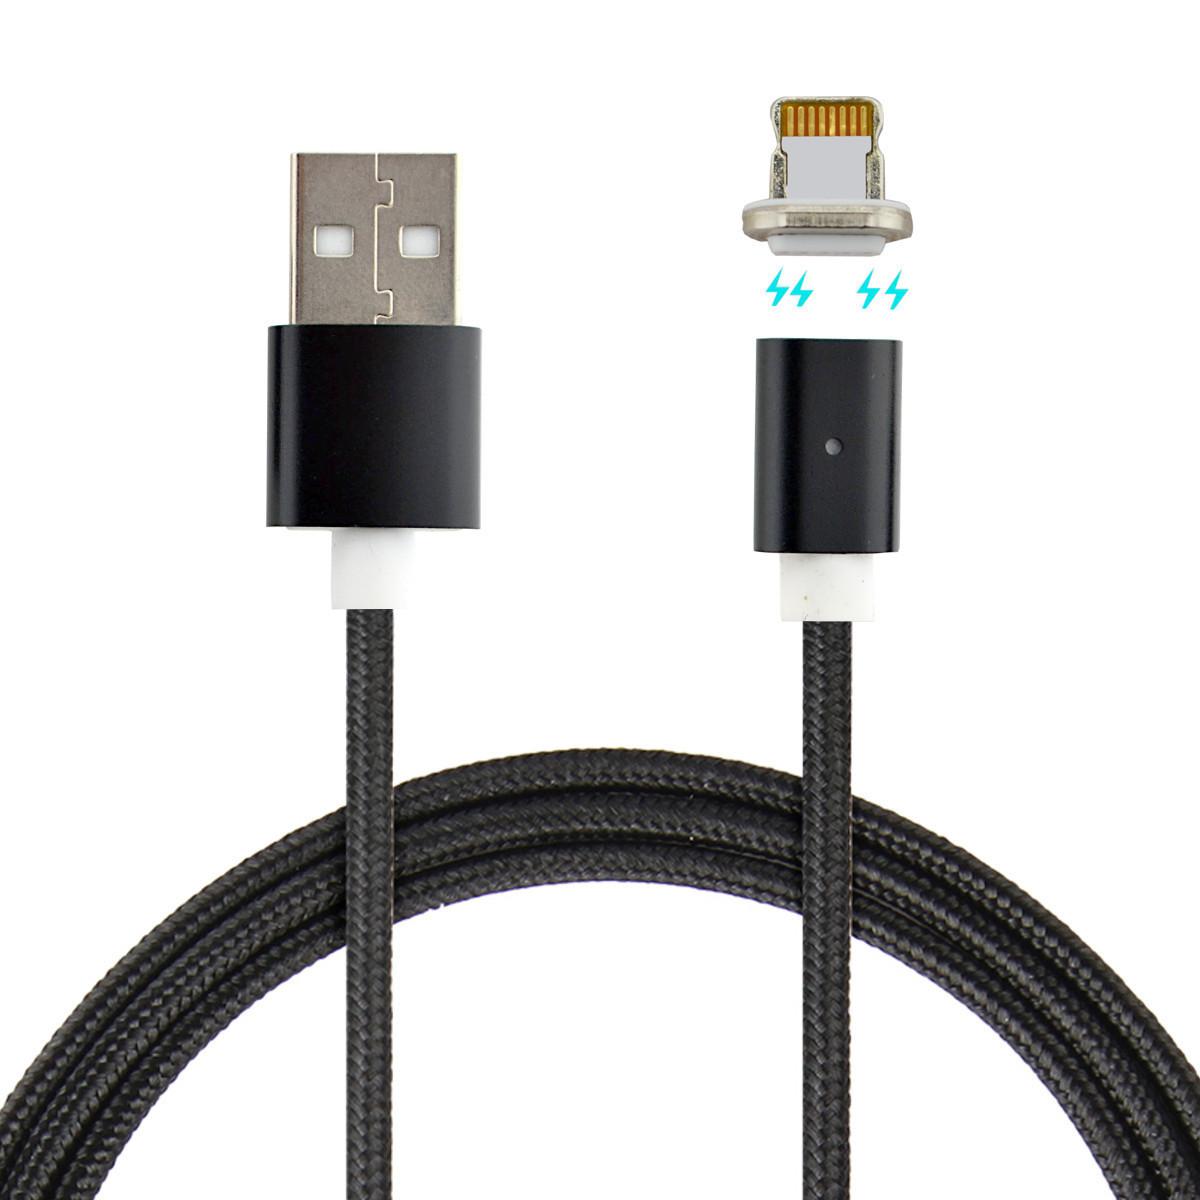 Магнітний кабель Dellta для Iphone Lightning DM-M12 в тканинній оплетенням Black